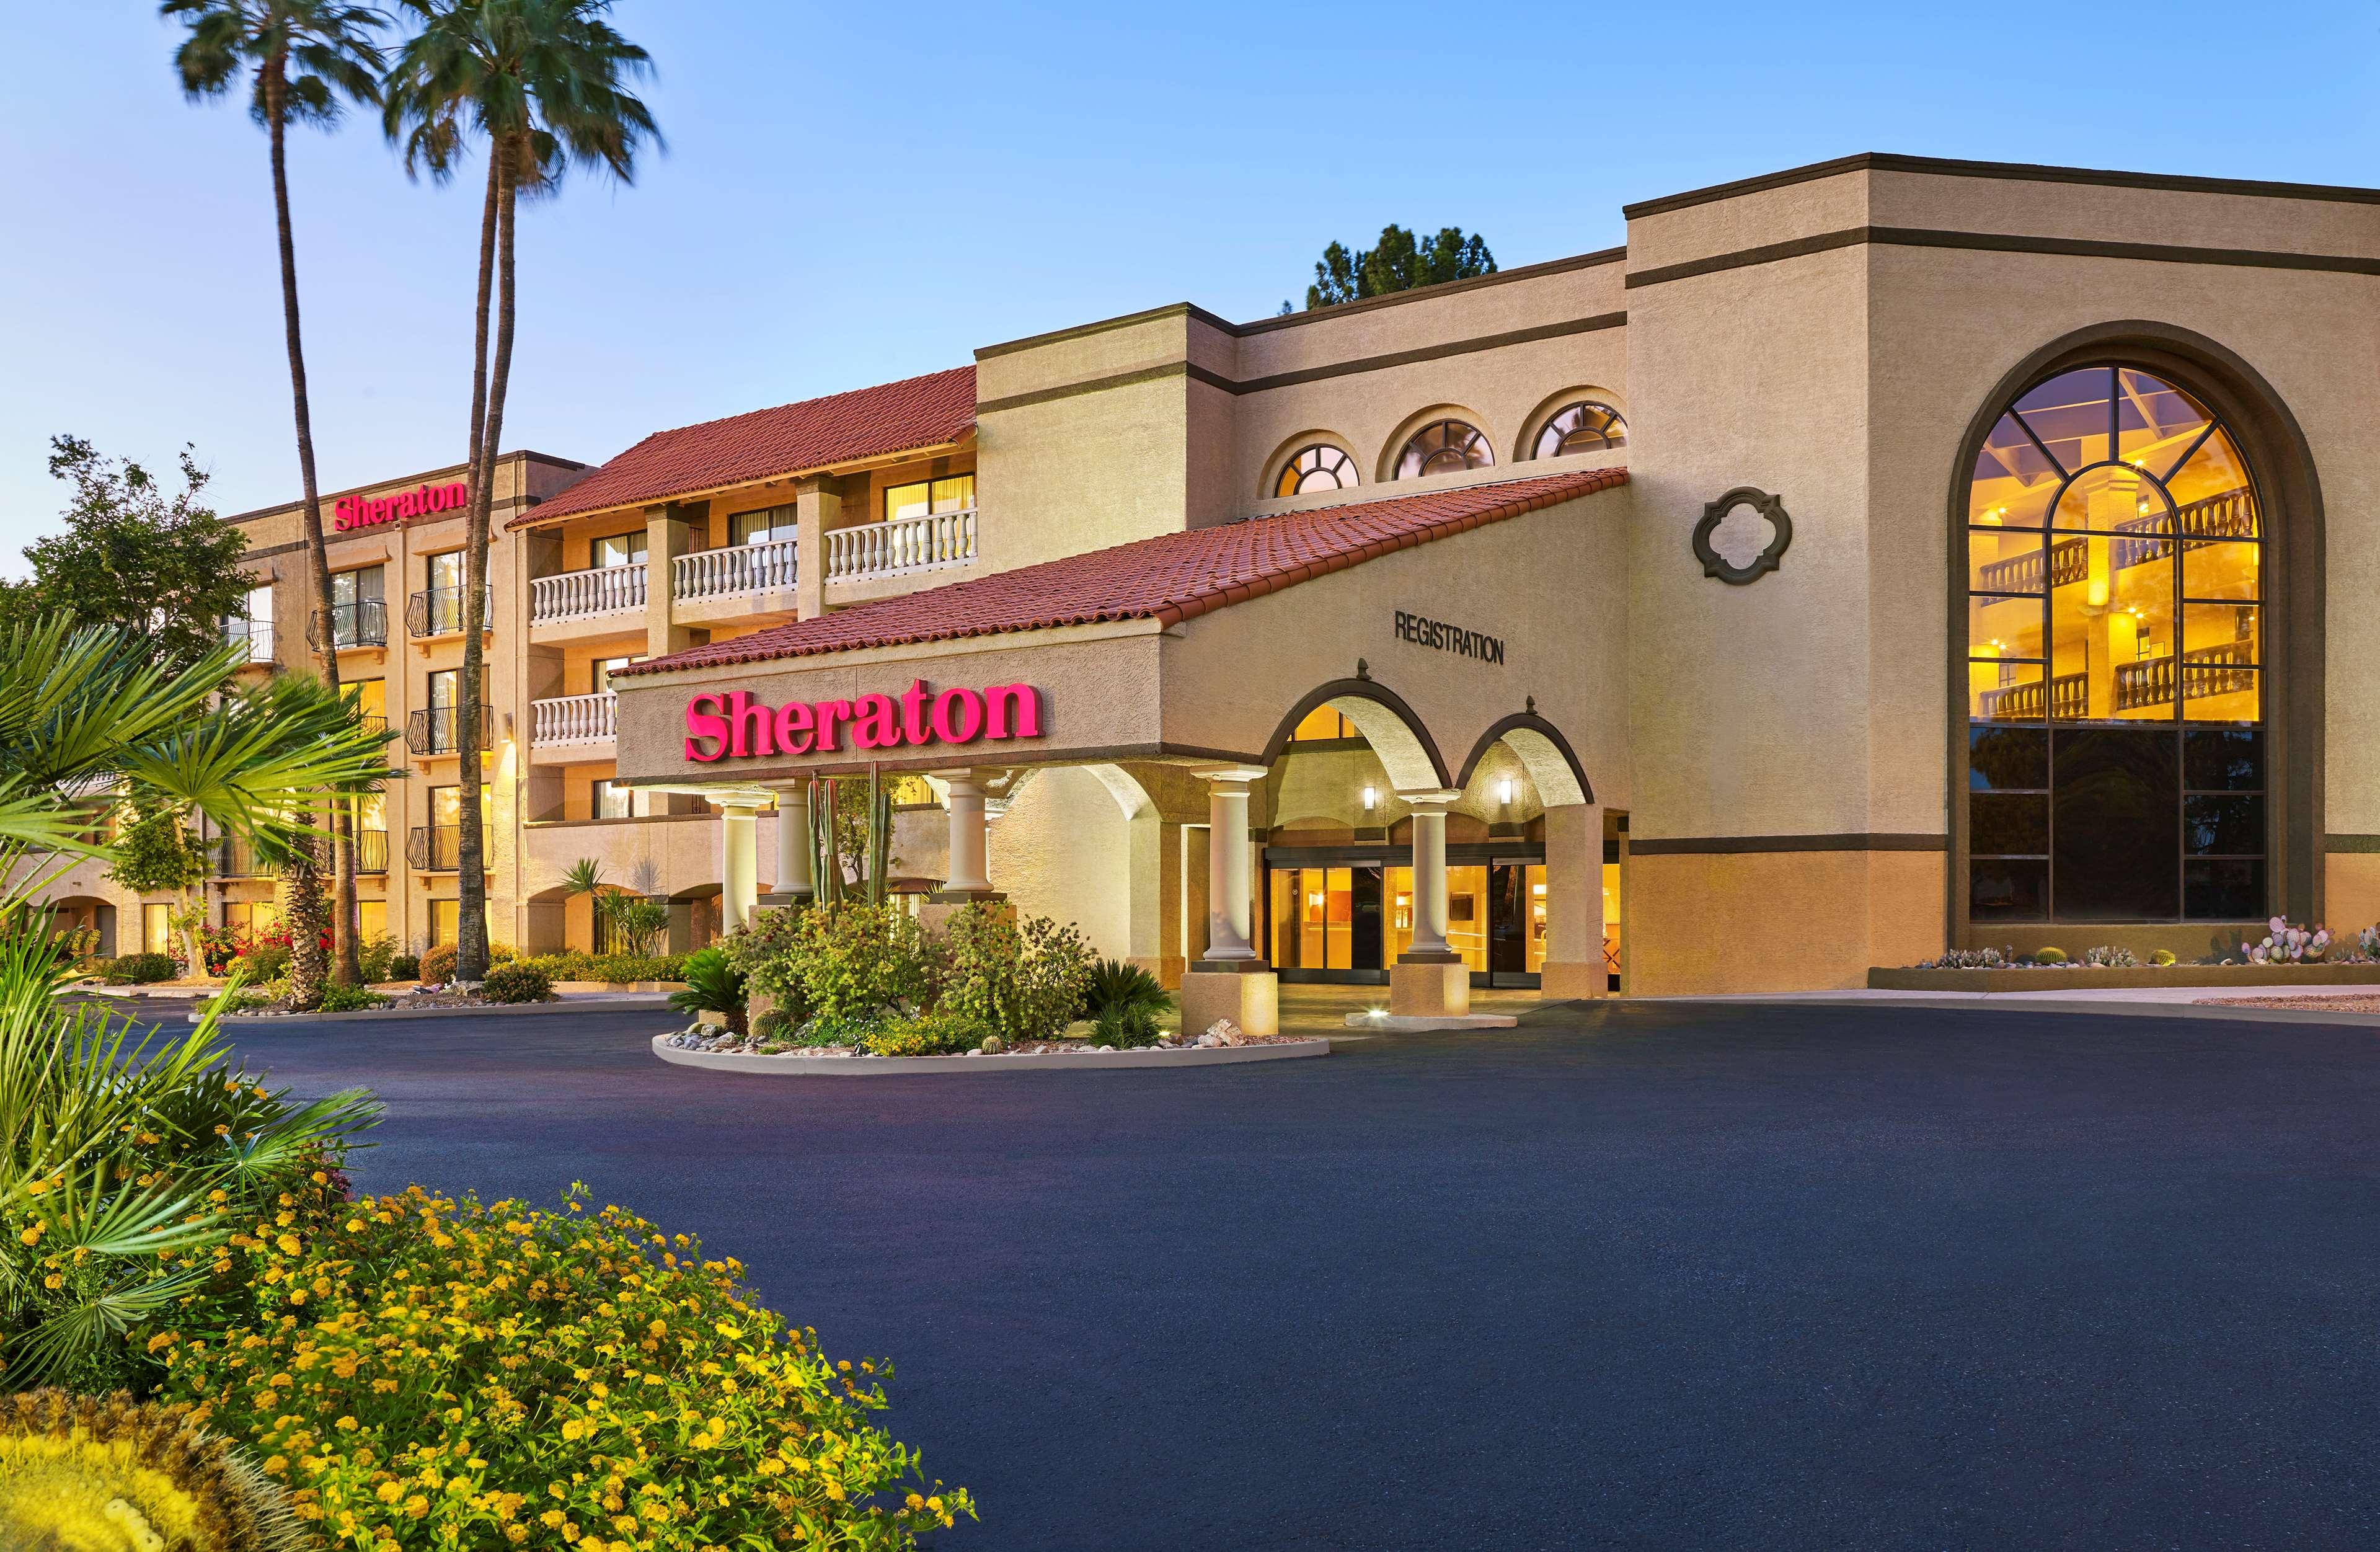 Sheraton Tucson Hotel & Suites image 0